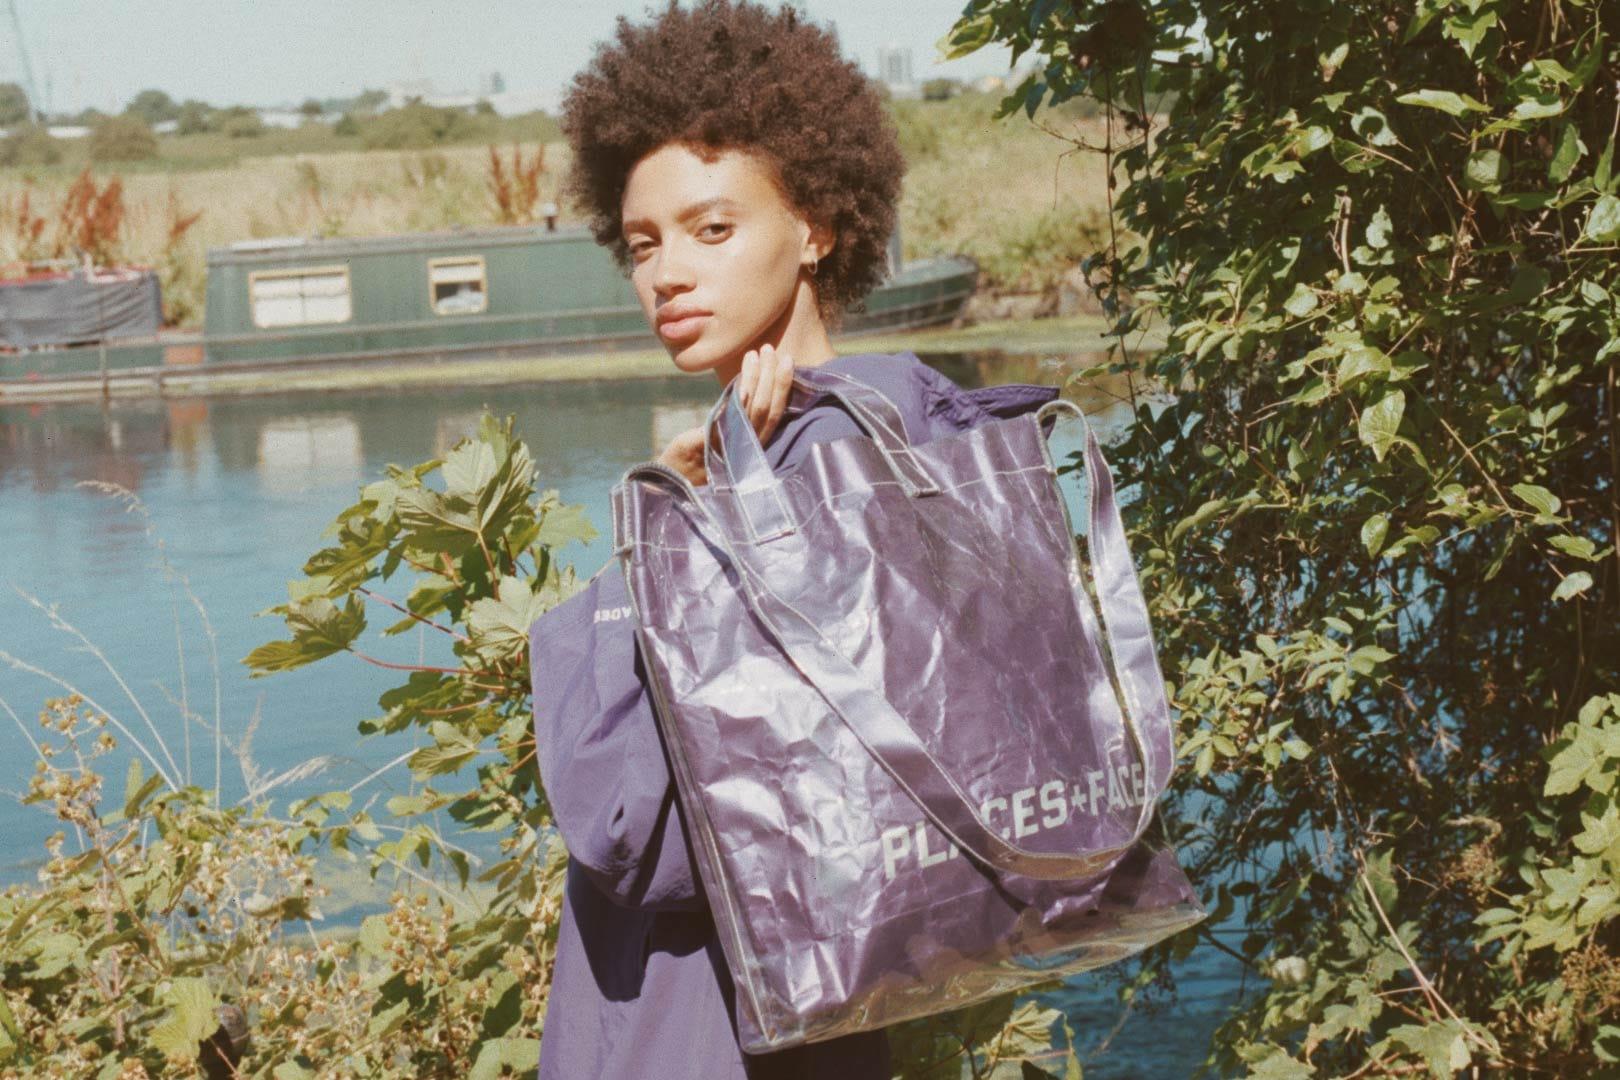 Faces transparent bag 1 Places